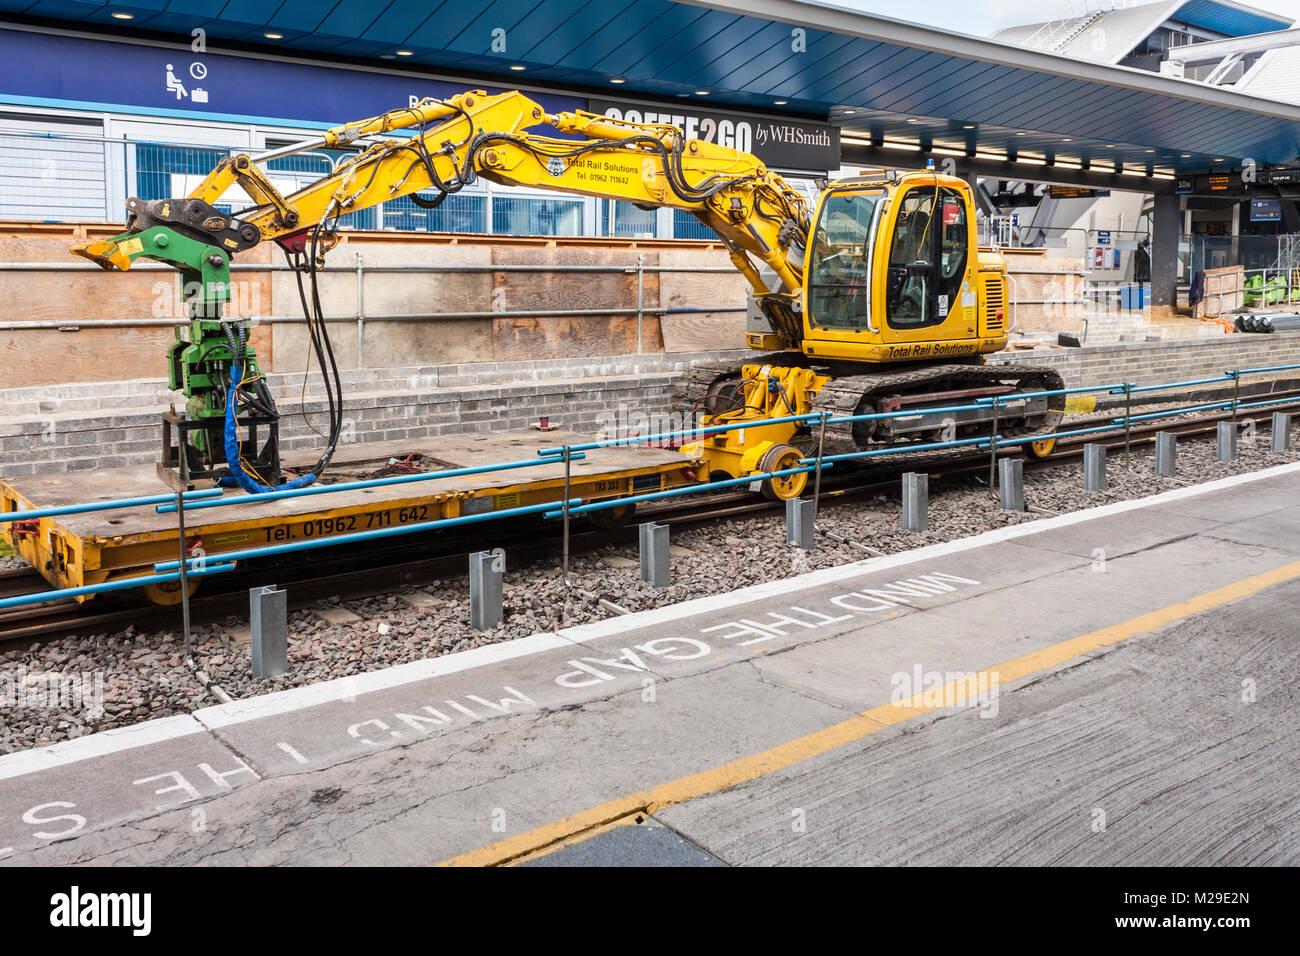 Rampa industriale macchinari di impianto a lettura stazione ferroviaria, Berkshire, Inghilterra, GB, Regno Unito Immagini Stock